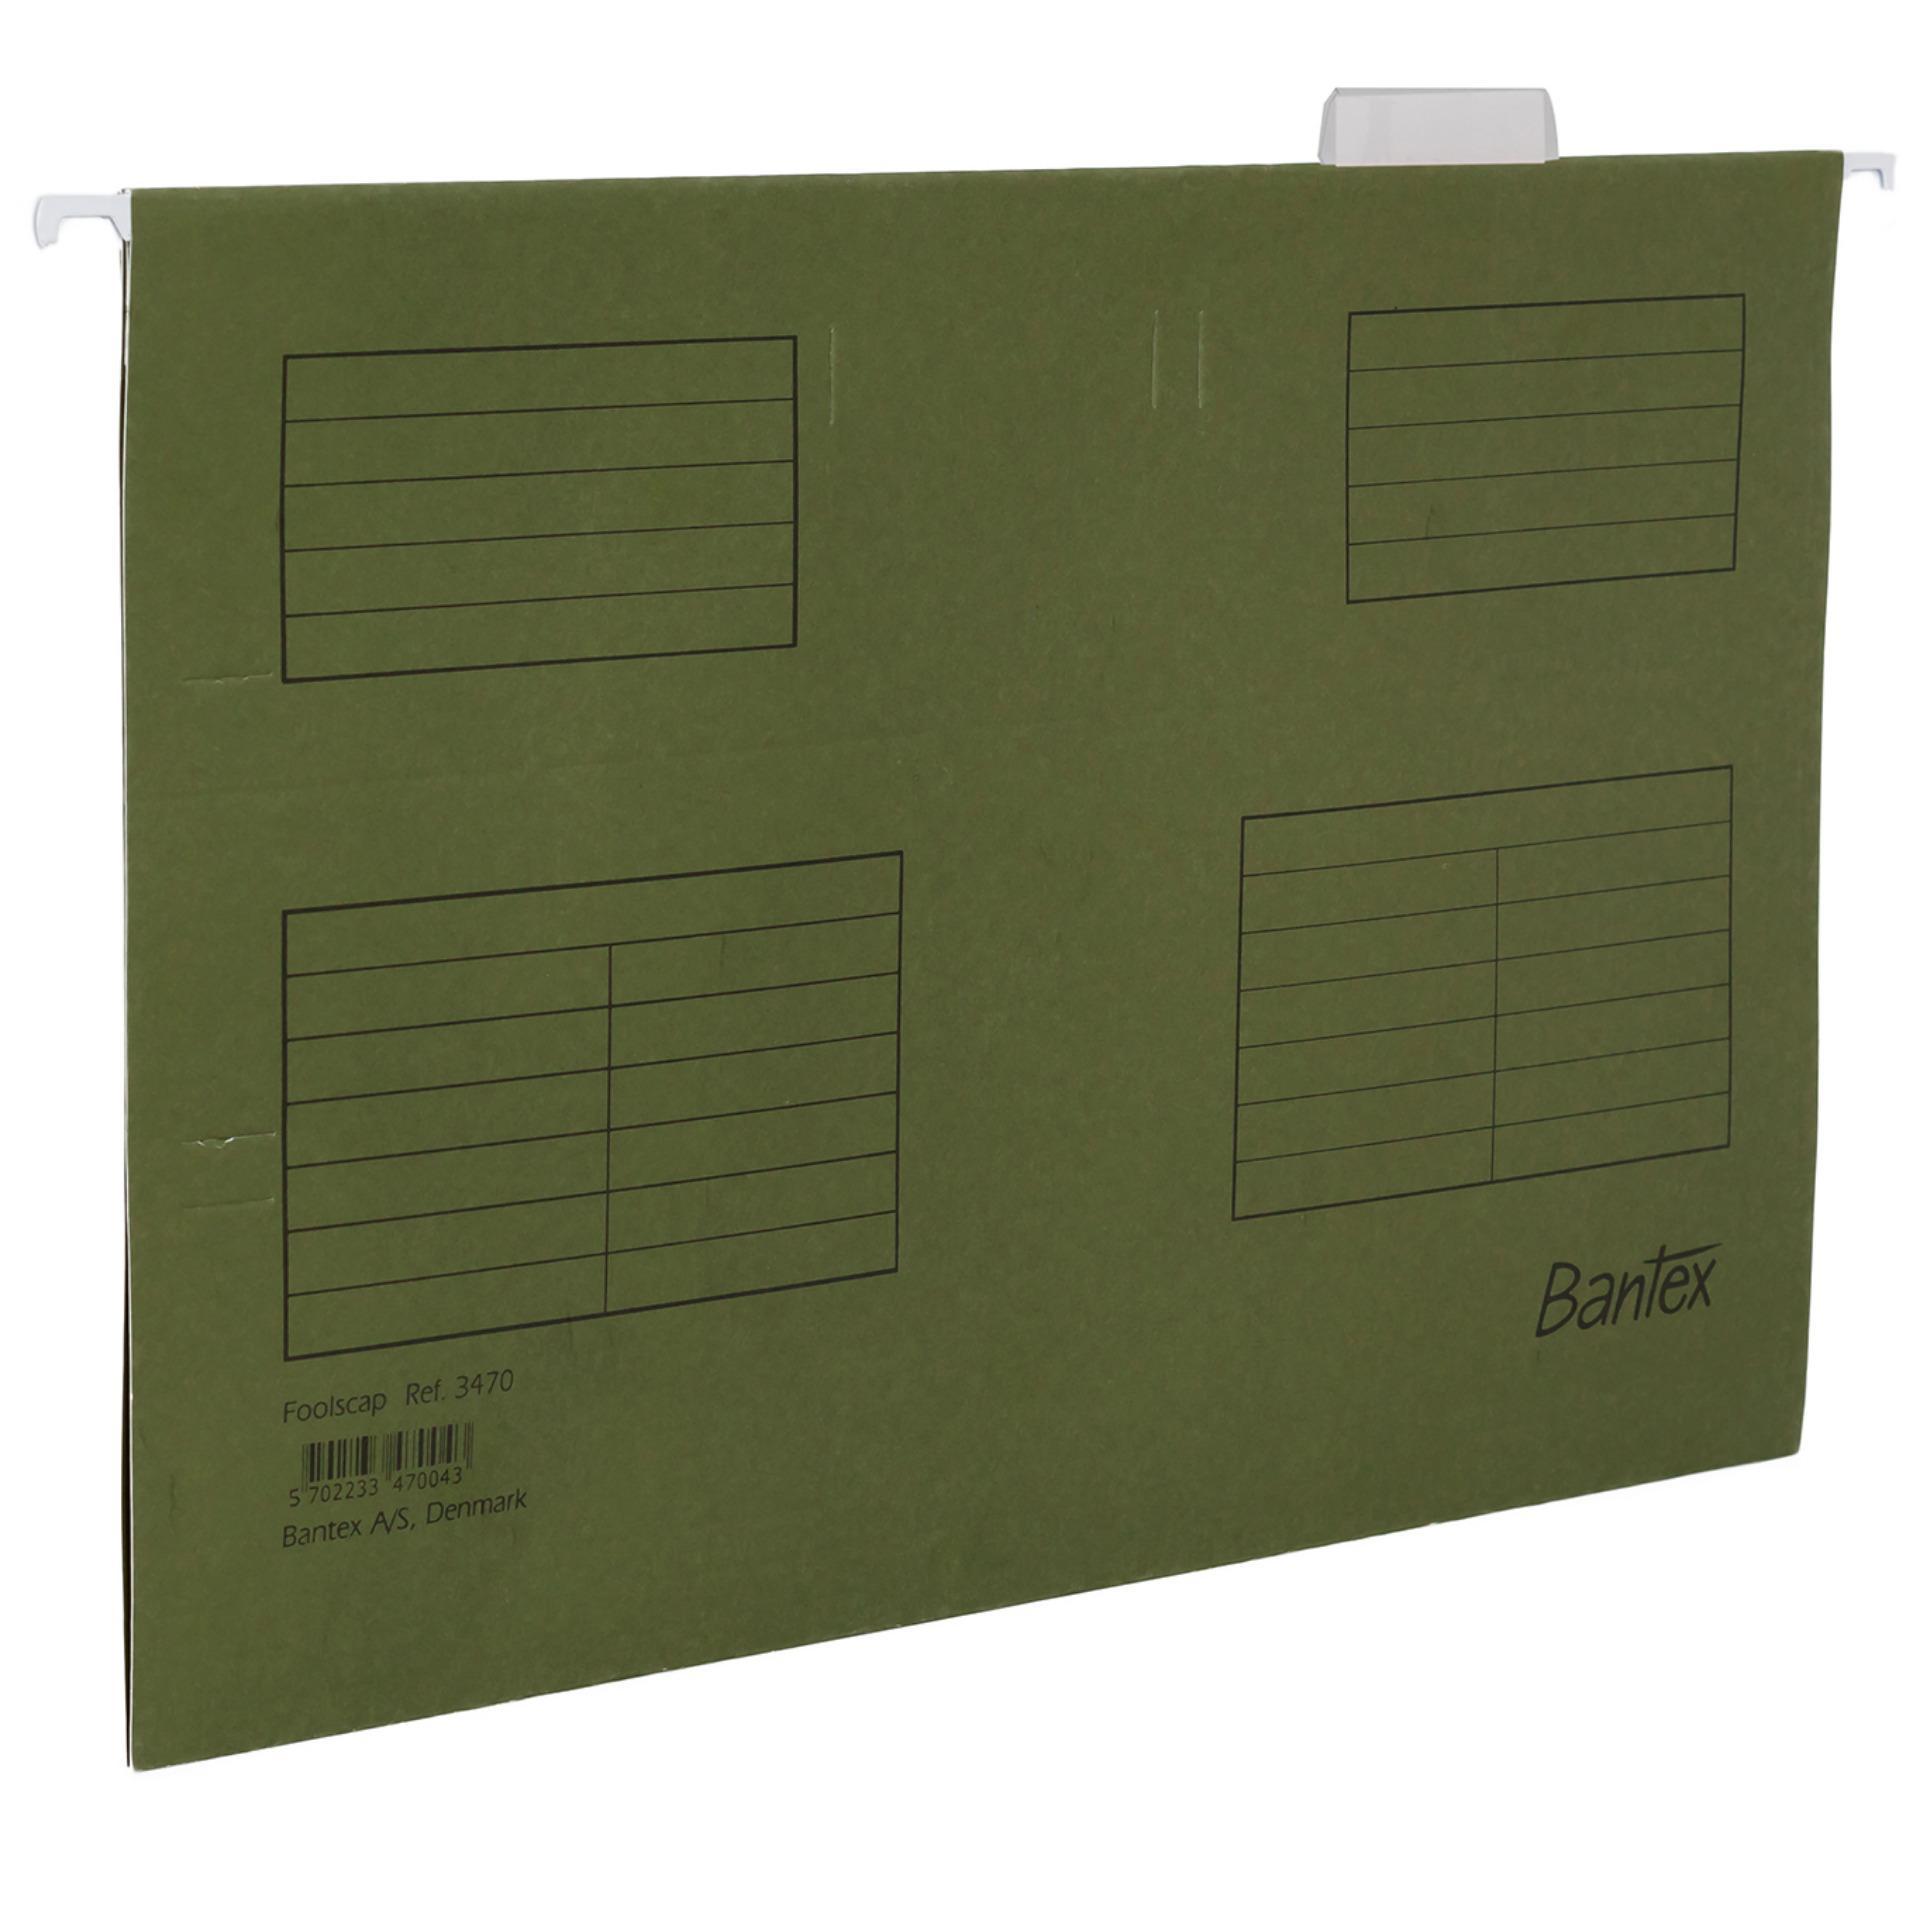 Bantex Map Gantung Suspension File F4 3470 Red 25 Pcs Cobalt Blue 1 Pc Hang Folio Green 04